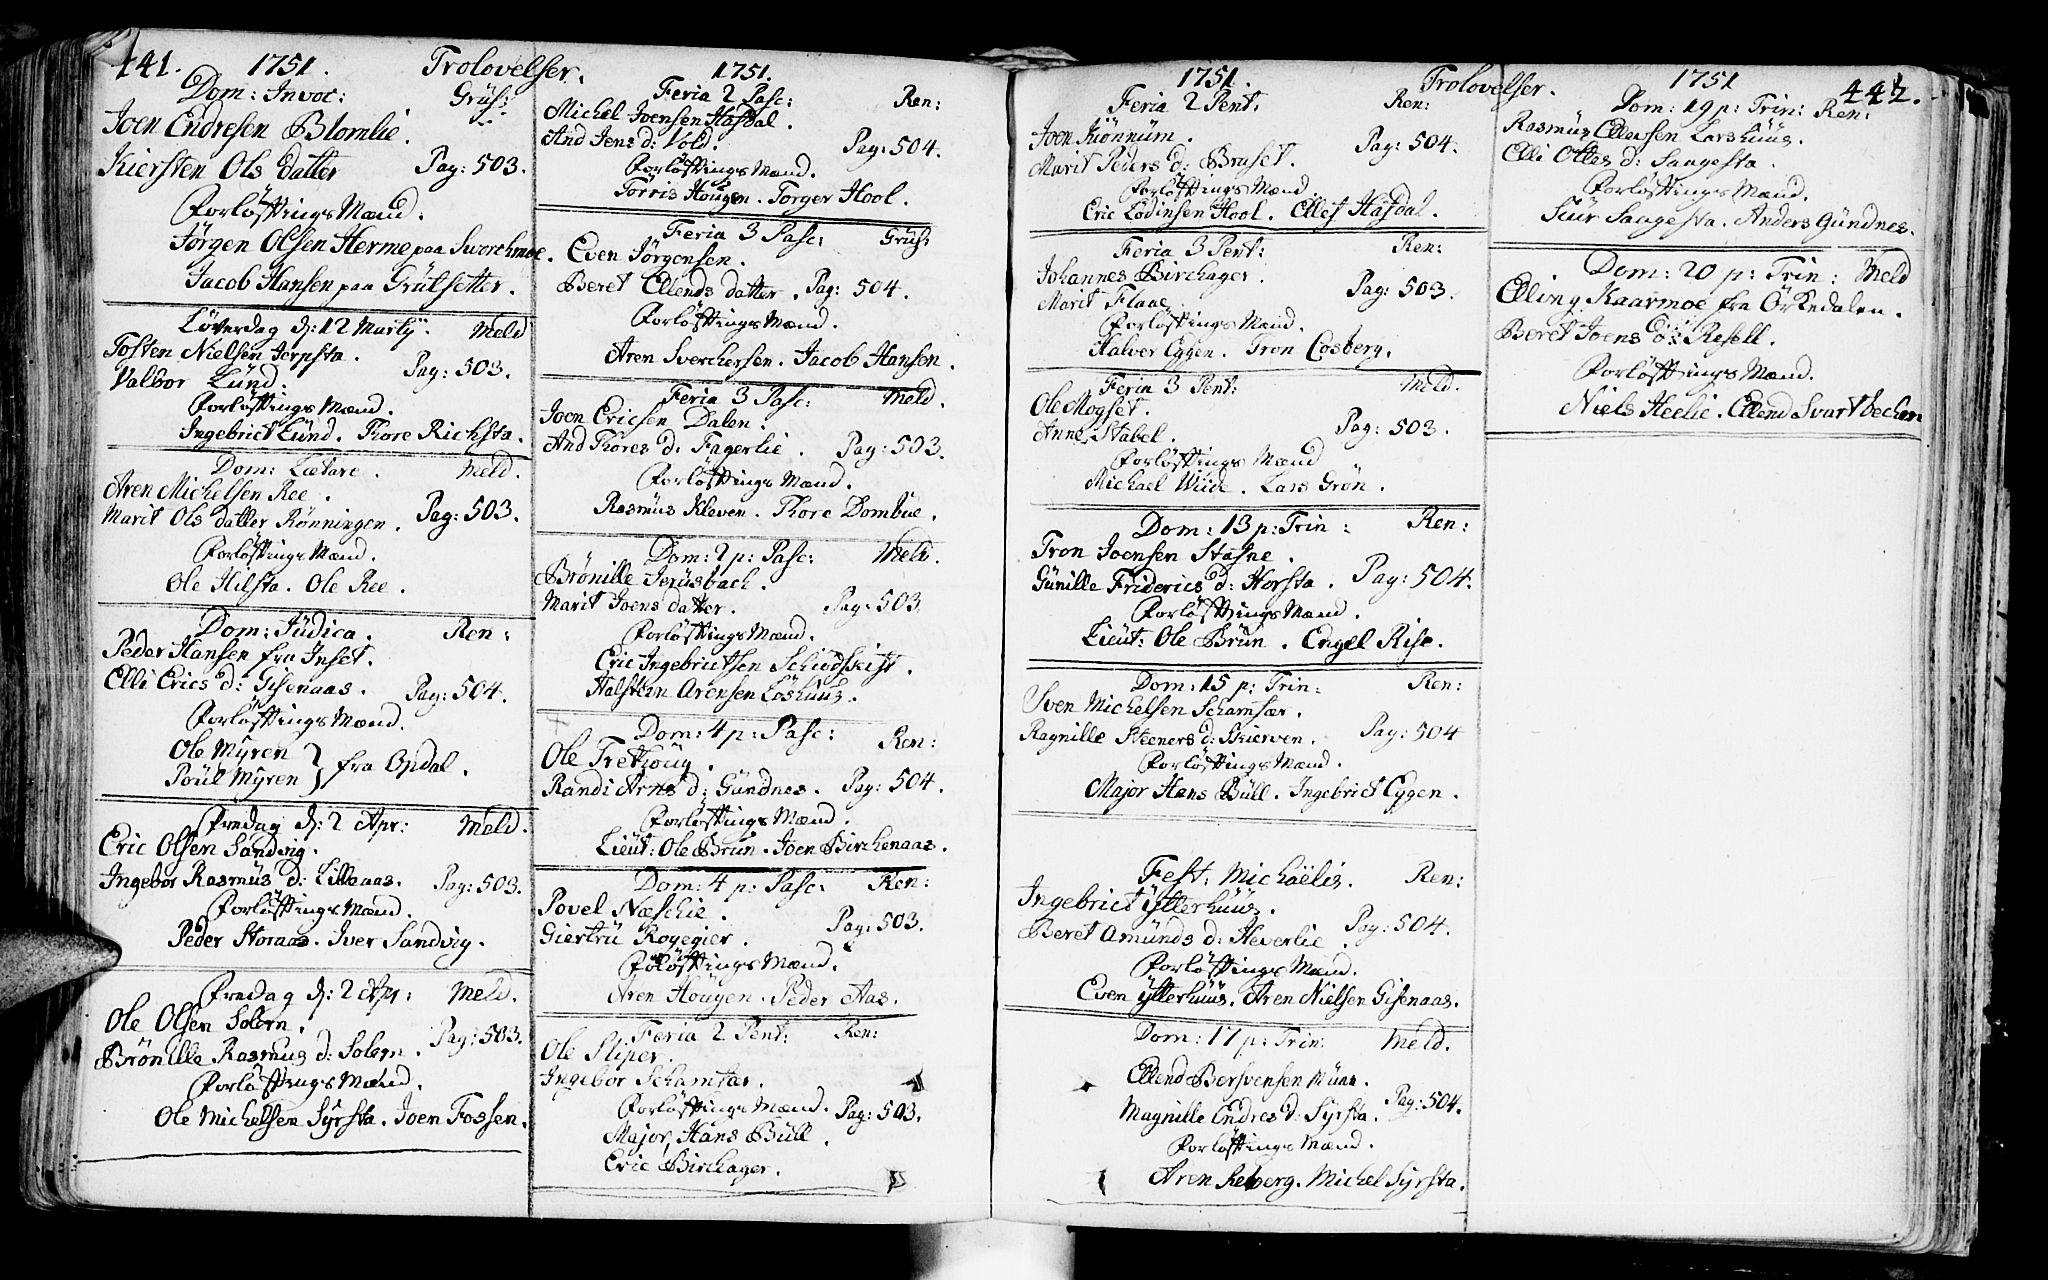 SAT, Ministerialprotokoller, klokkerbøker og fødselsregistre - Sør-Trøndelag, 672/L0850: Ministerialbok nr. 672A03, 1725-1751, s. 441-442